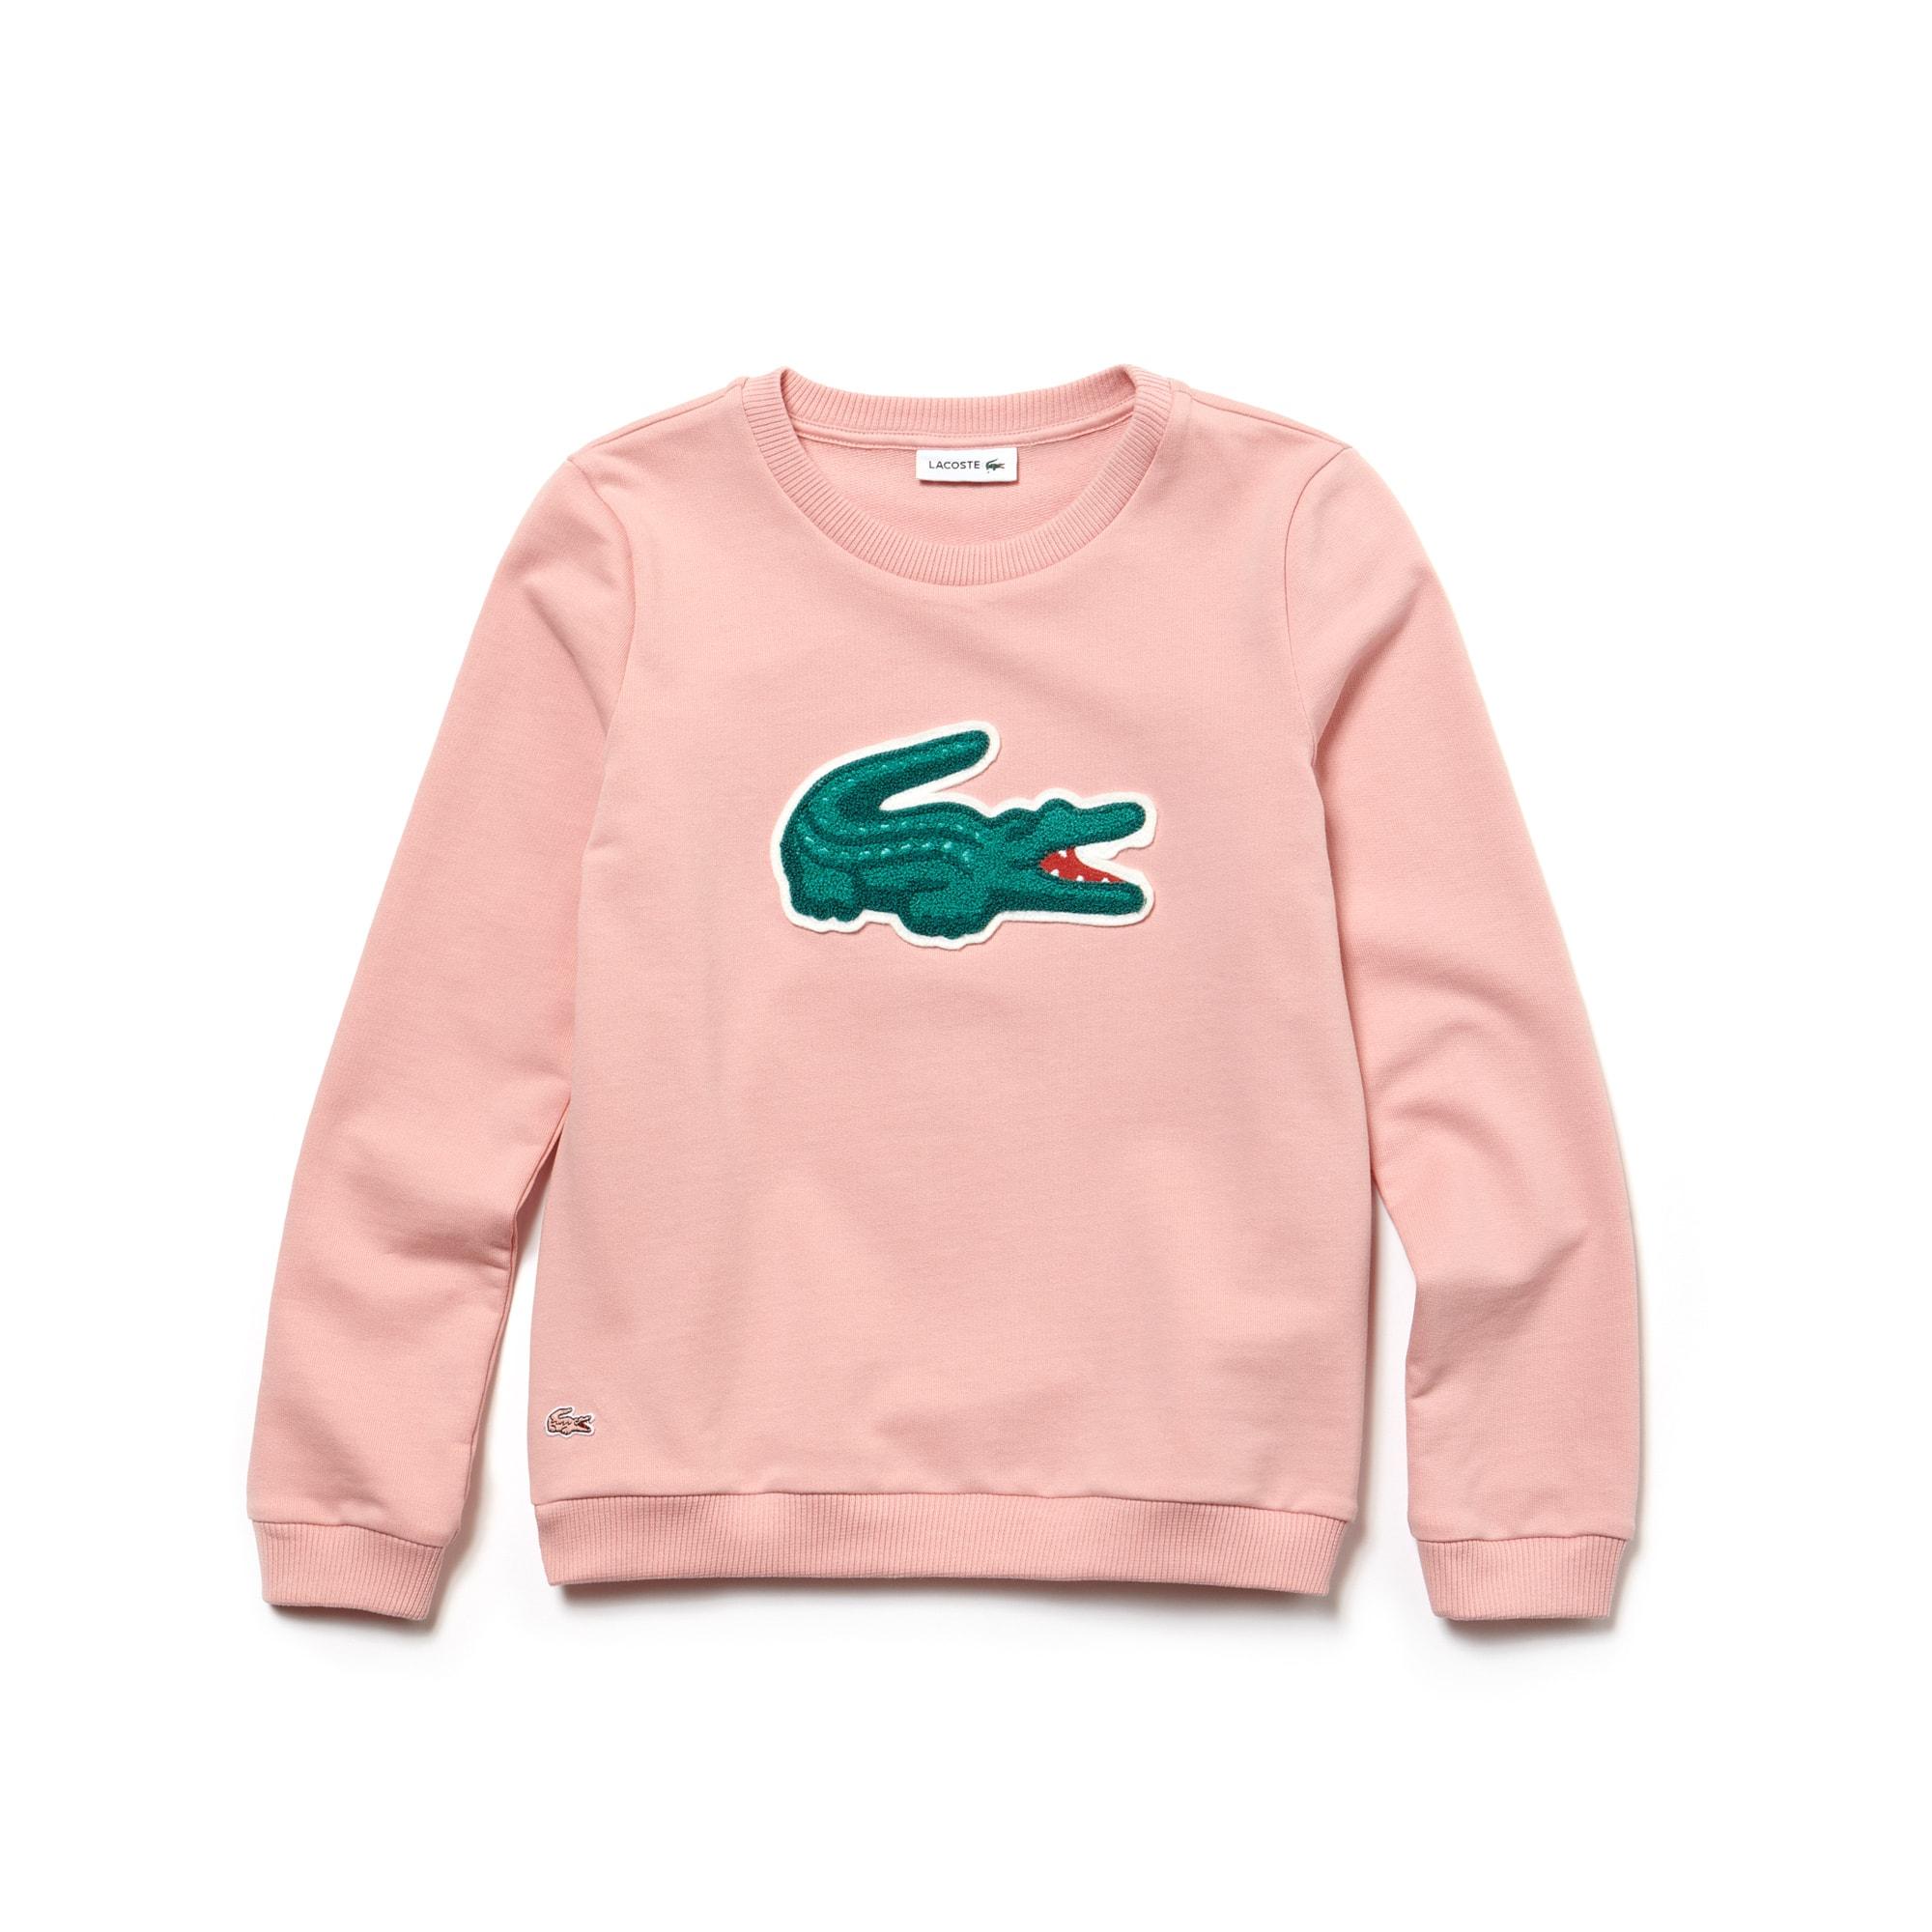 7234a7c3b Girls  Oversized Crocodile Sweatshirt